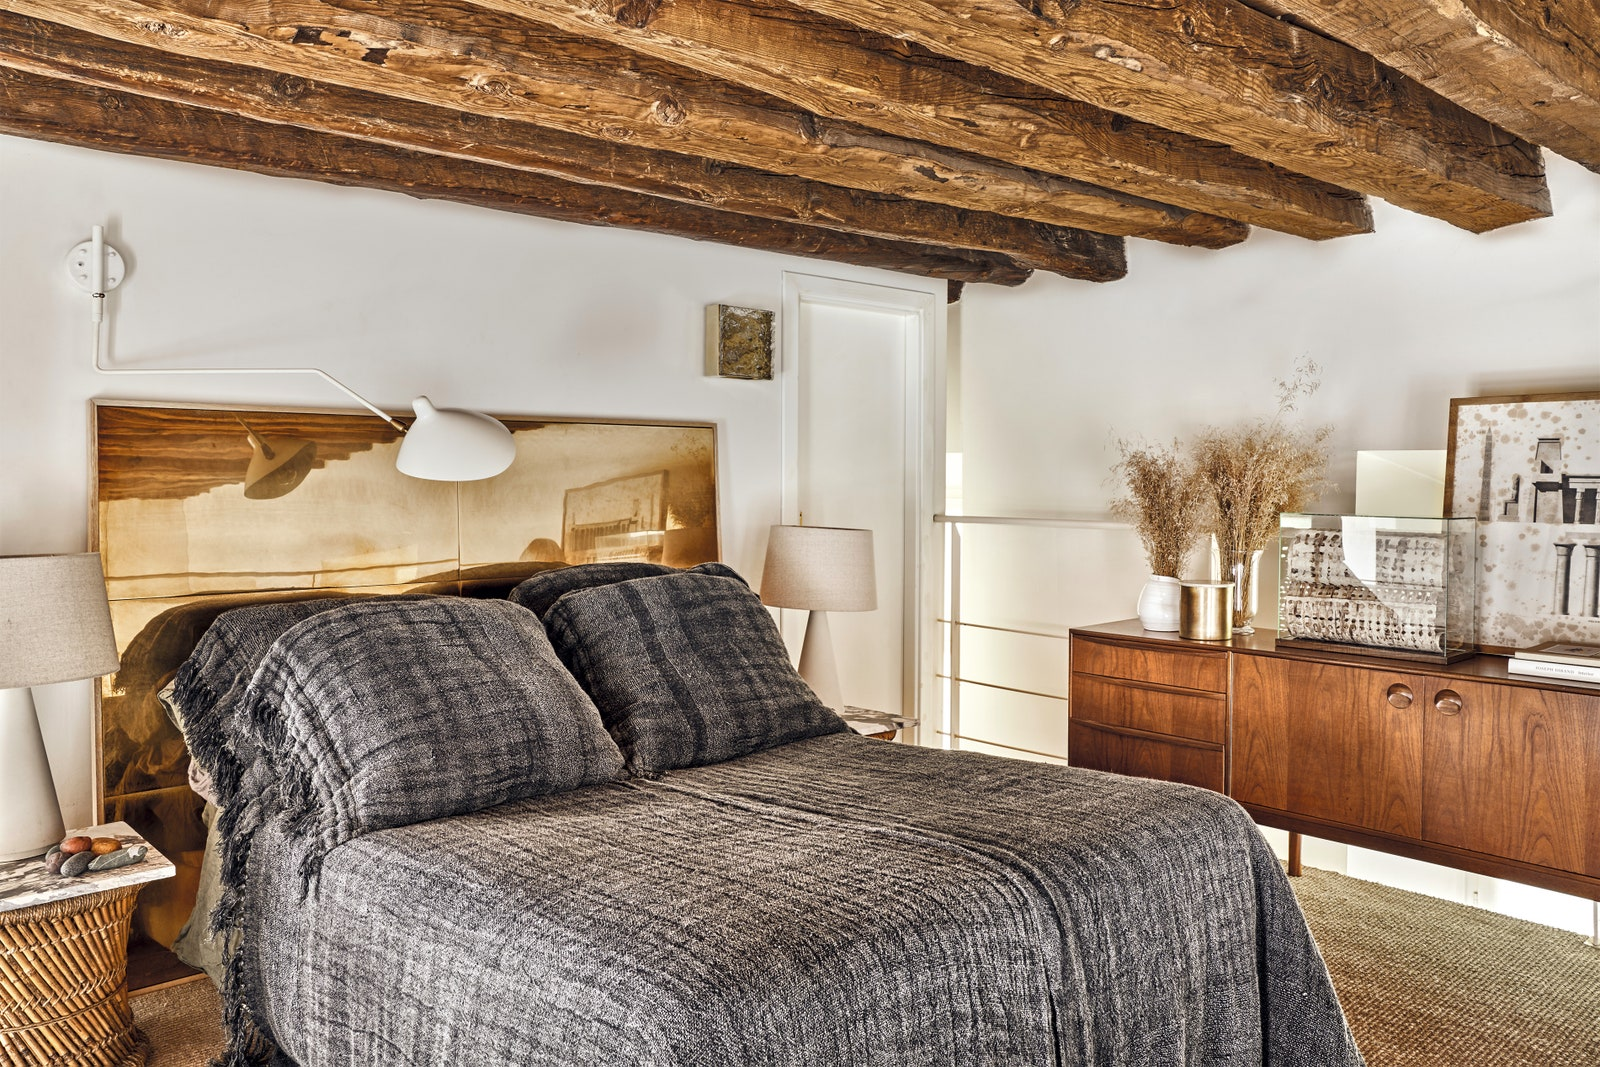 este_verano_practica_nesting_decoración_interiores_lifestyle_consejos-10